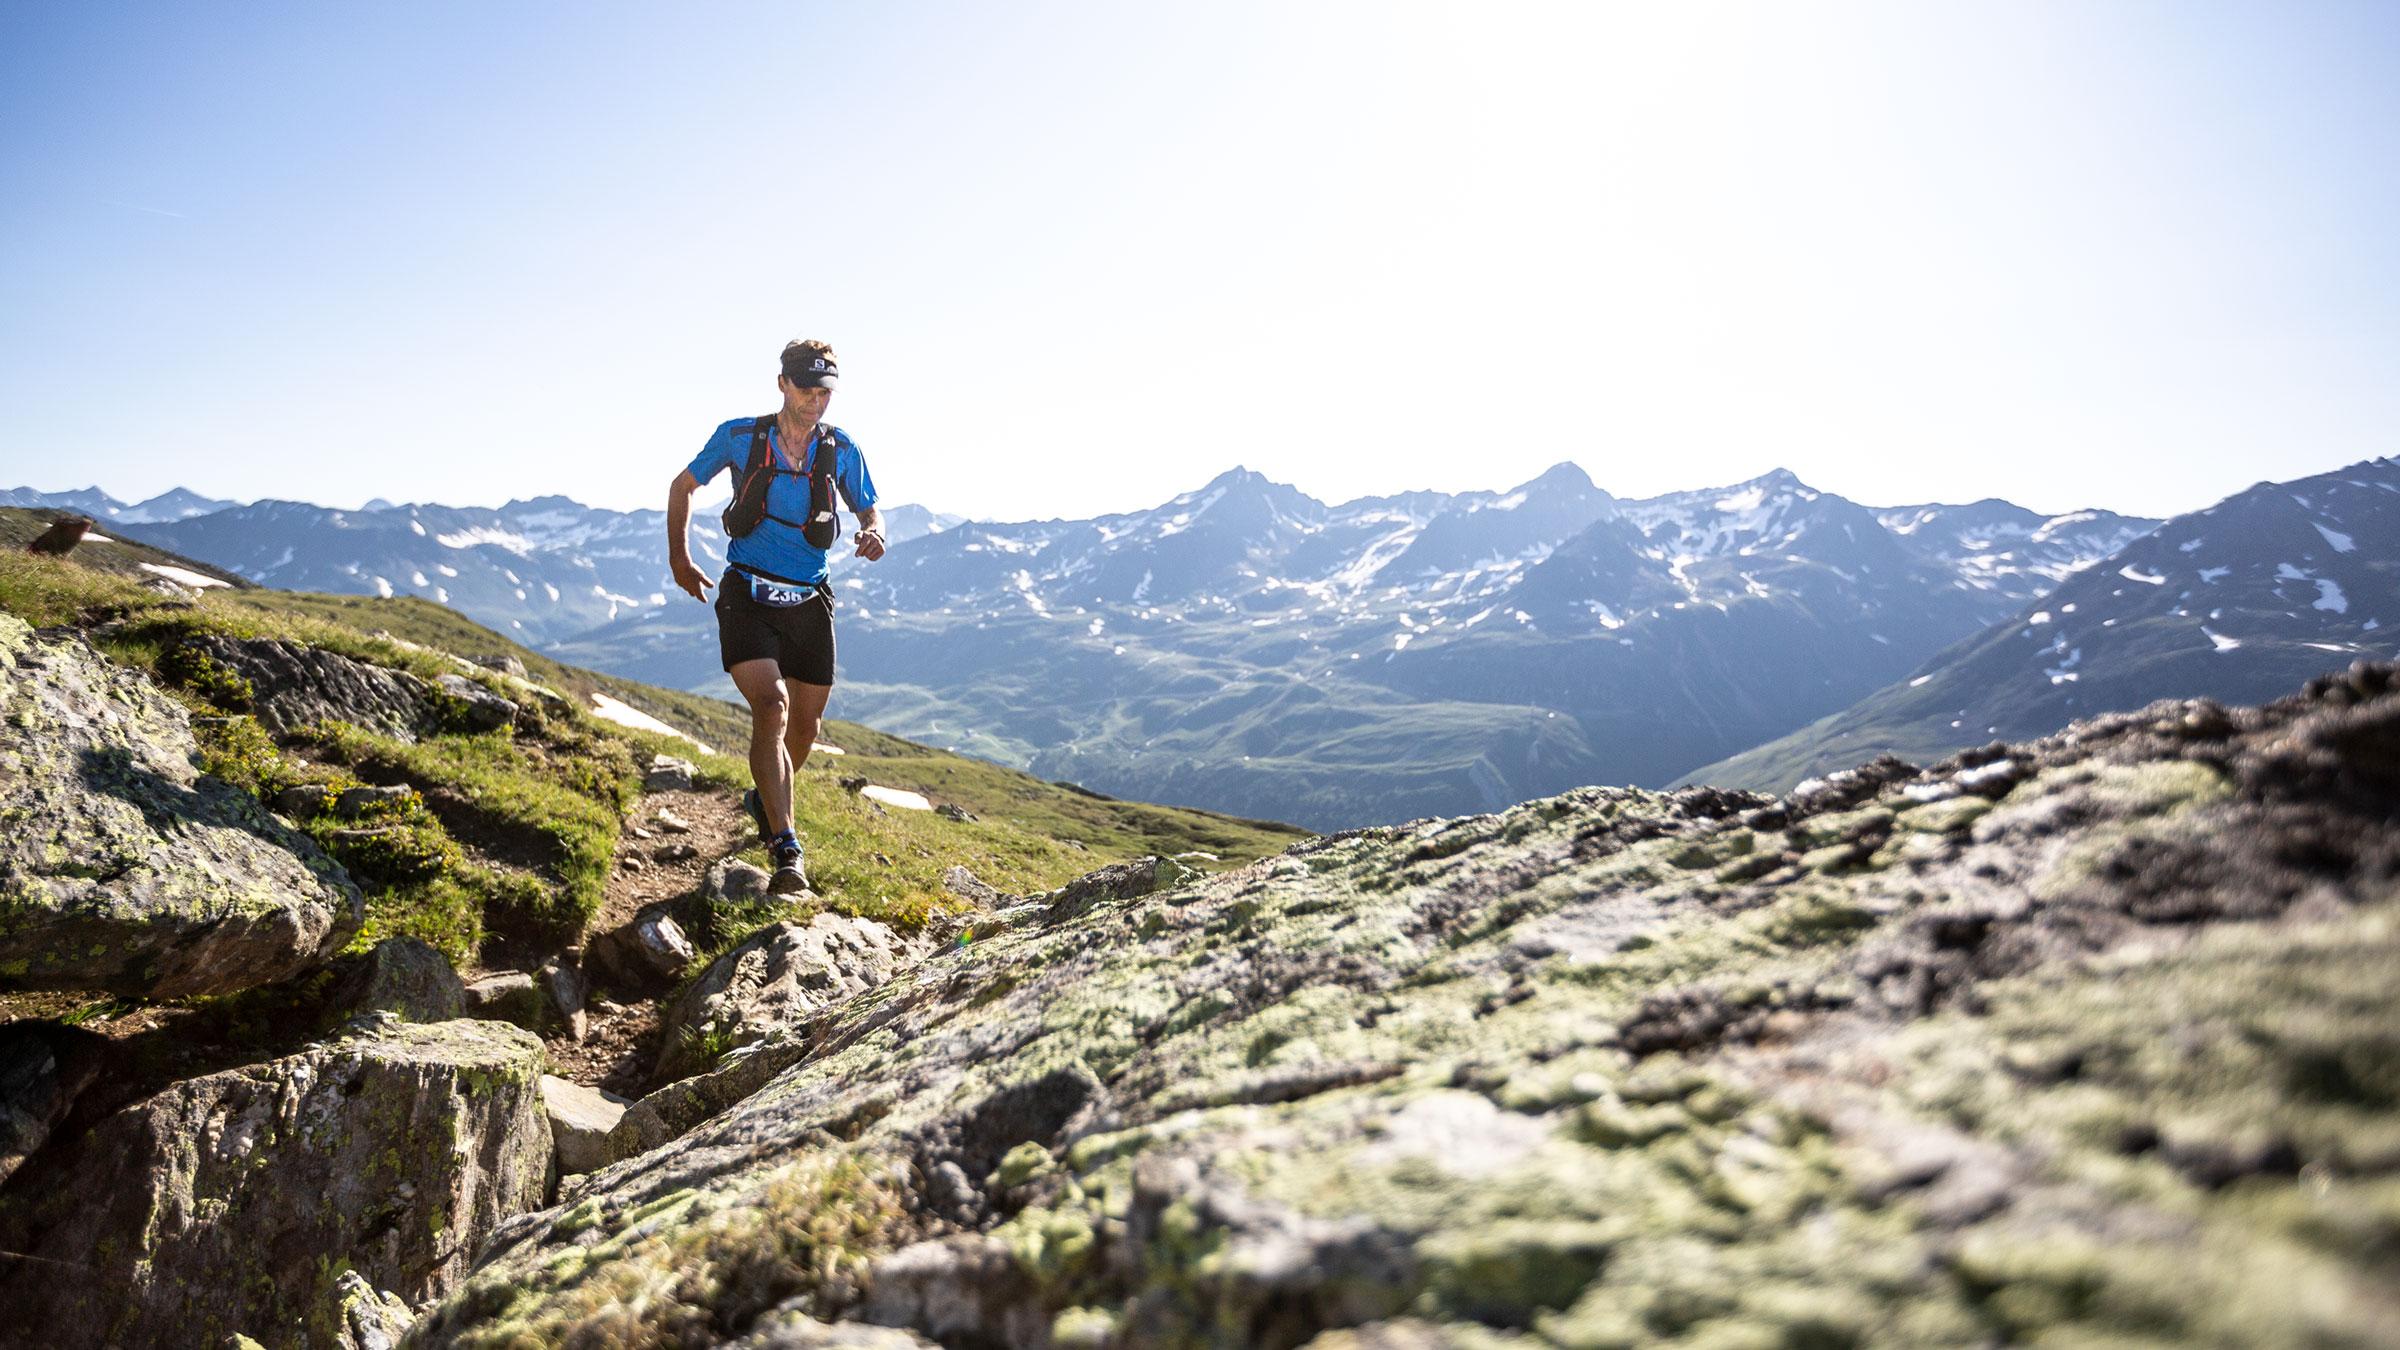 Zwischen Trailrunning und Kraxe tragen – ein Familien-Sport-Wochenende in Gurgl